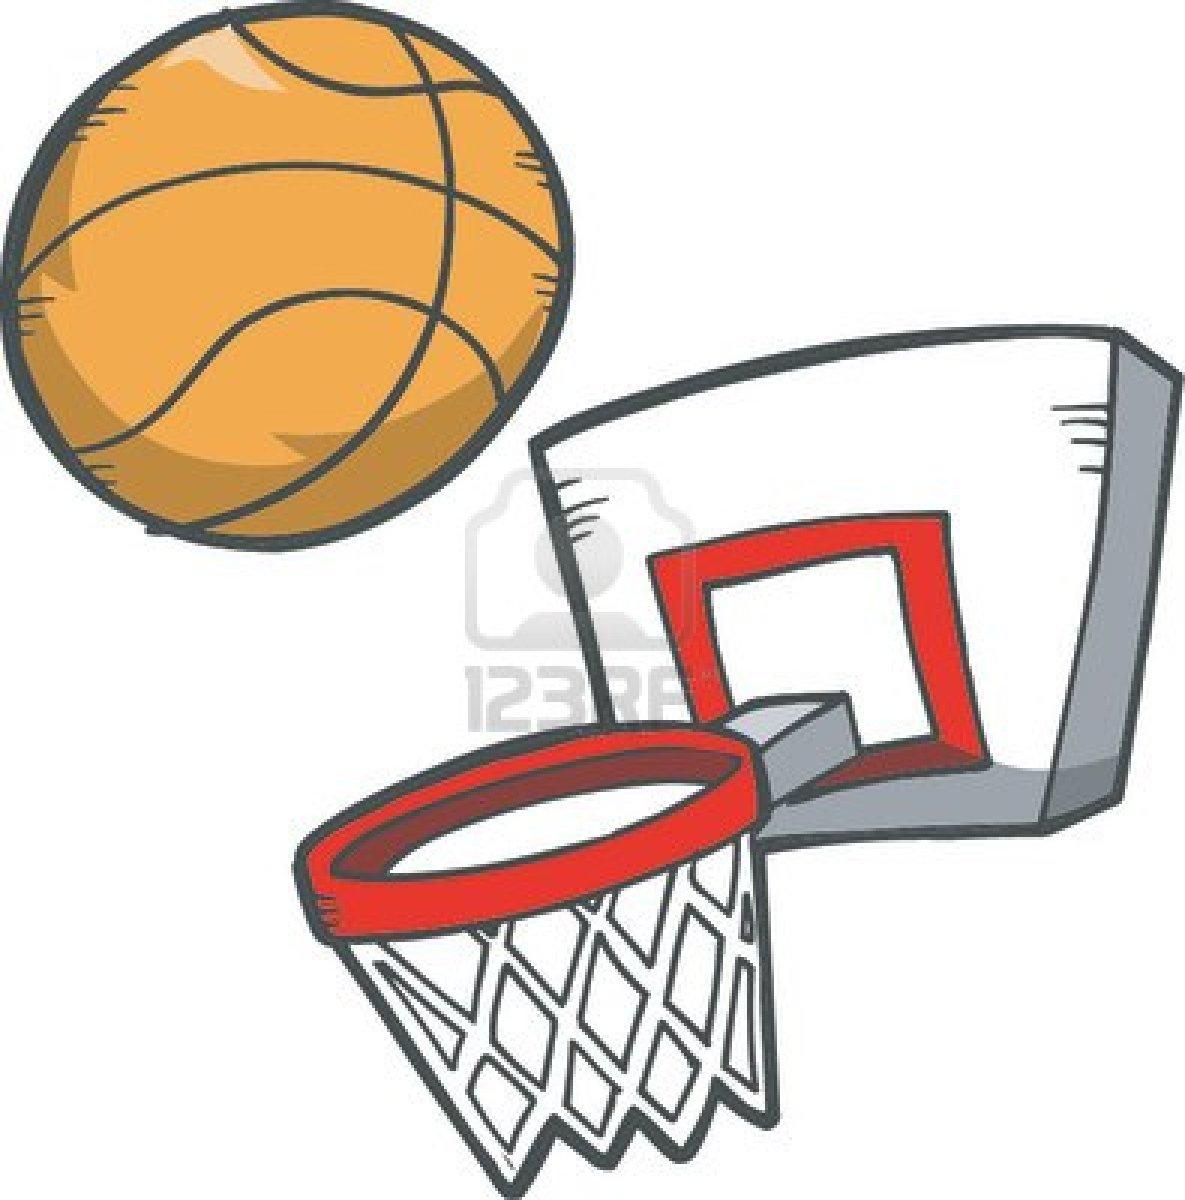 1185x1200 Clip Art Clip Art Basketball